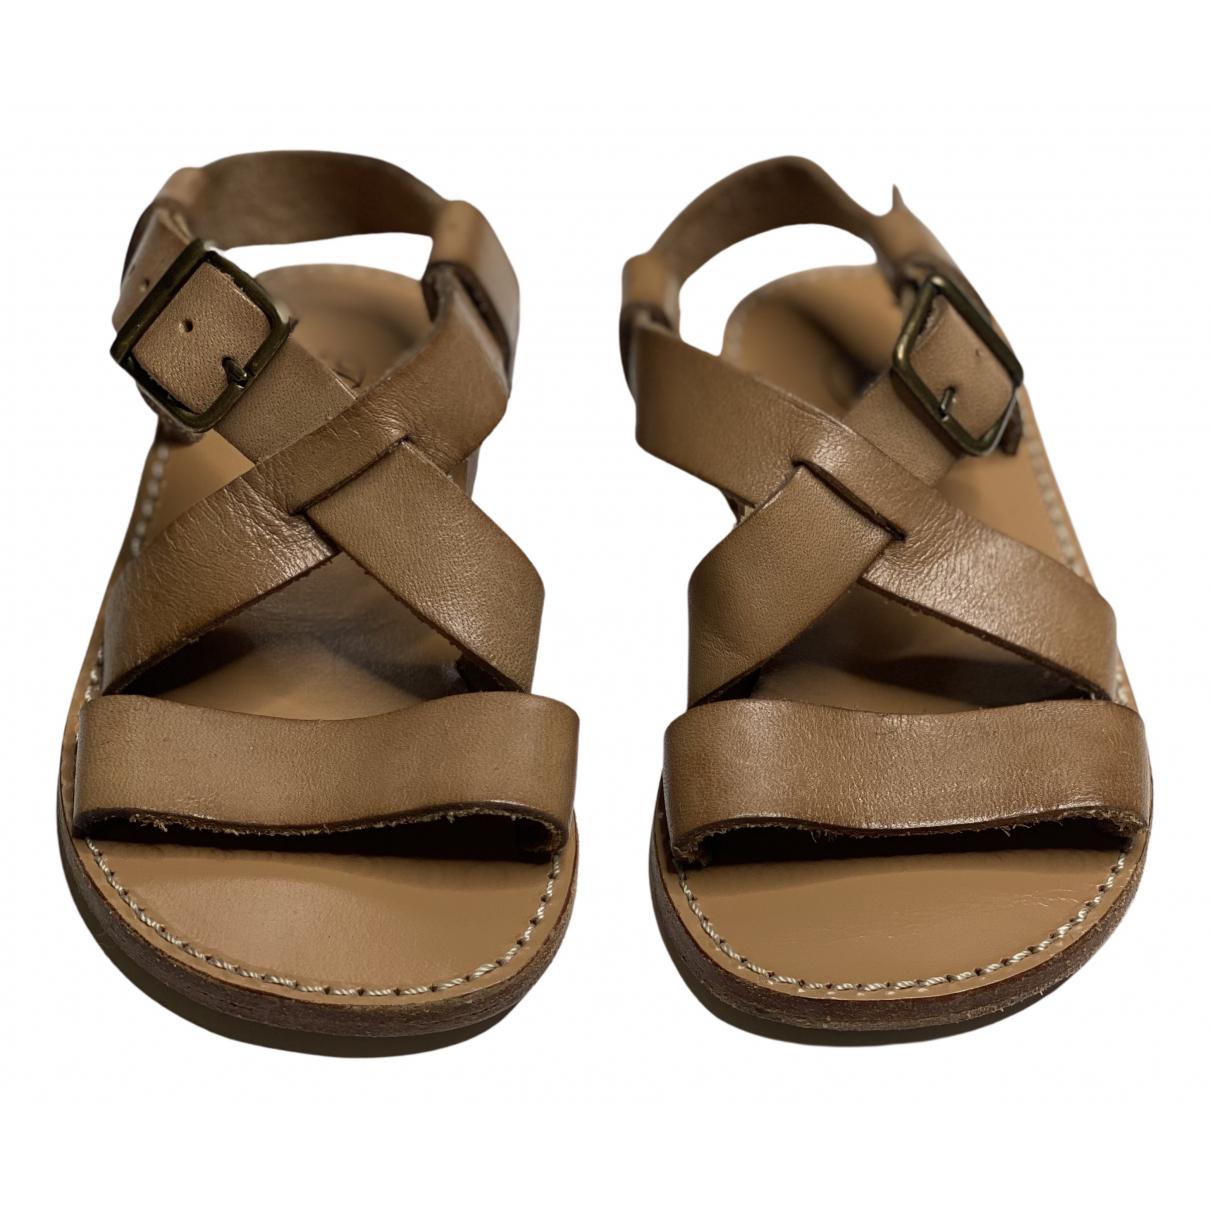 Bonpoint - Sandales   pour enfant en cuir - beige